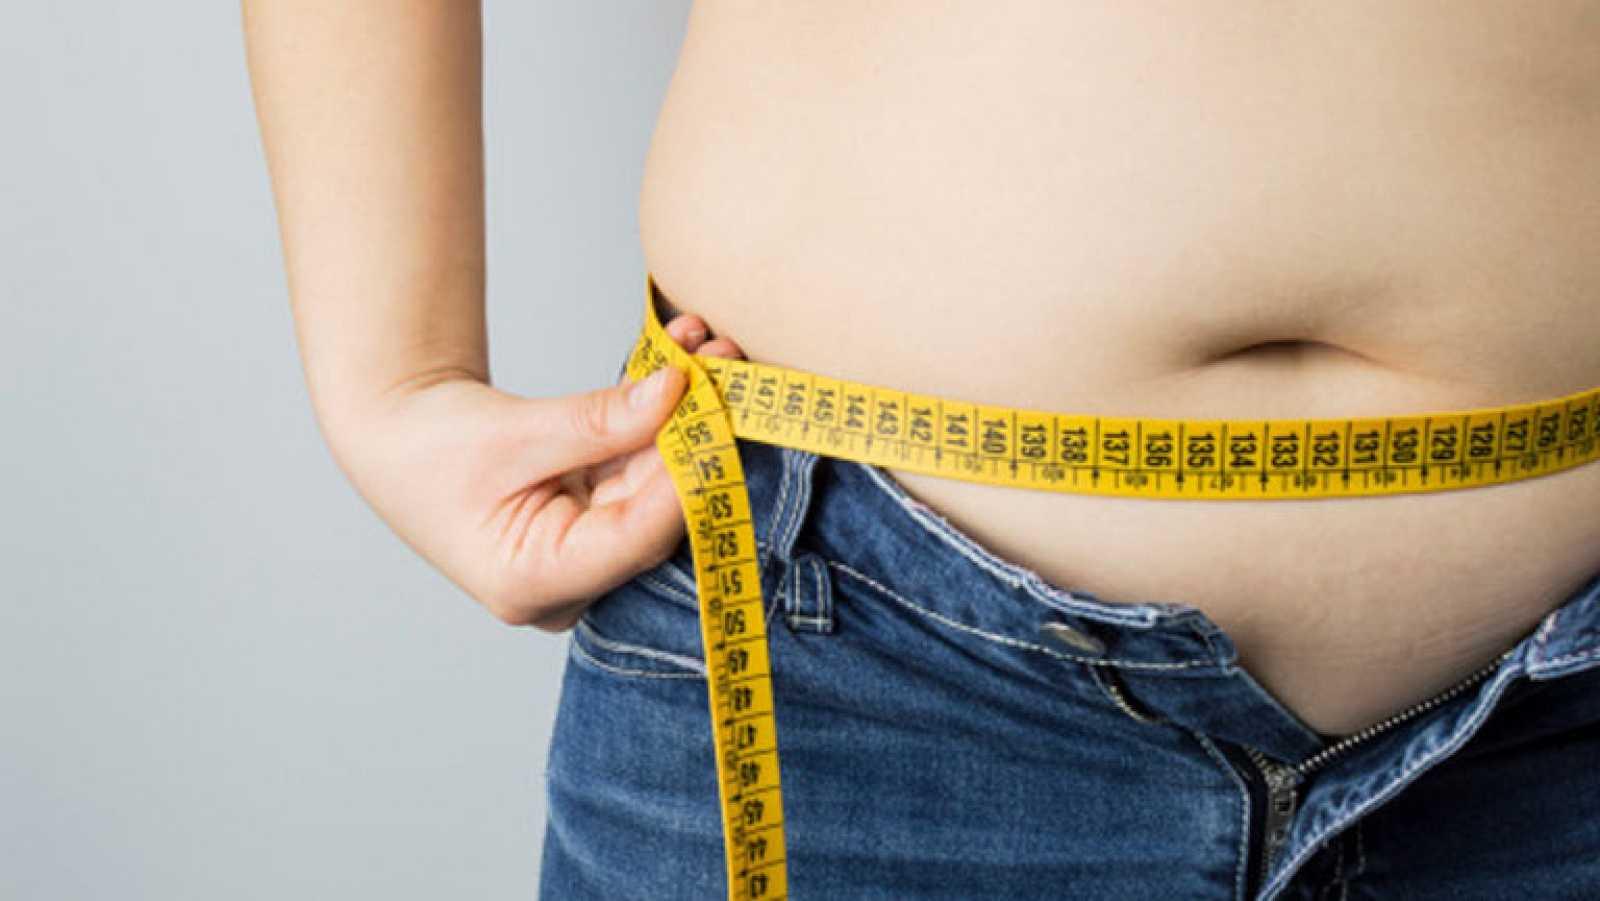 Saber Vivir Perder Peso Comiendo Bien Rtve Es ~ Aprender A Comer Bien Para Adelgazar